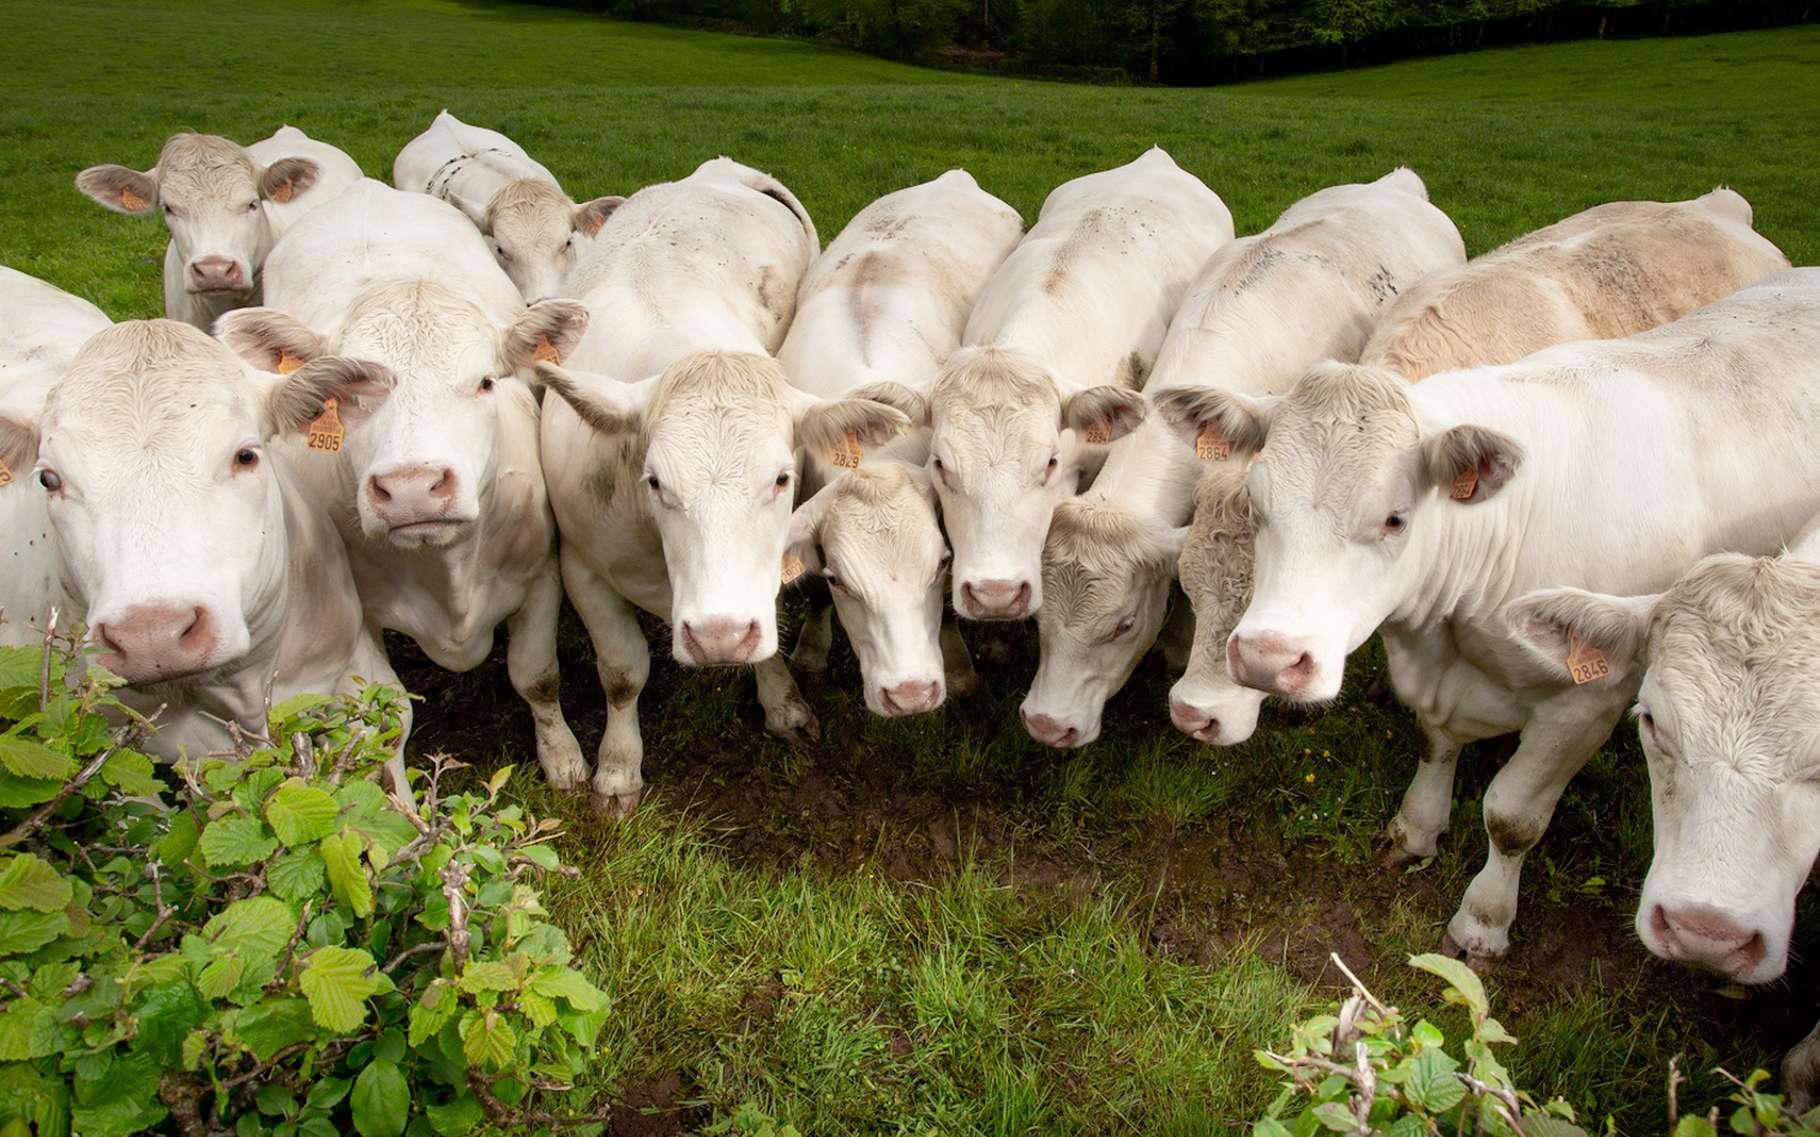 Les activités d'élevage intensif sont souvent pointées du doigt lorsqu'il s'agit de pollution à l'ammoniac. Et une étude révèle aujourd'hui que les émissions mondiales ont été largement sous-estimées. © shocky, Fotolia